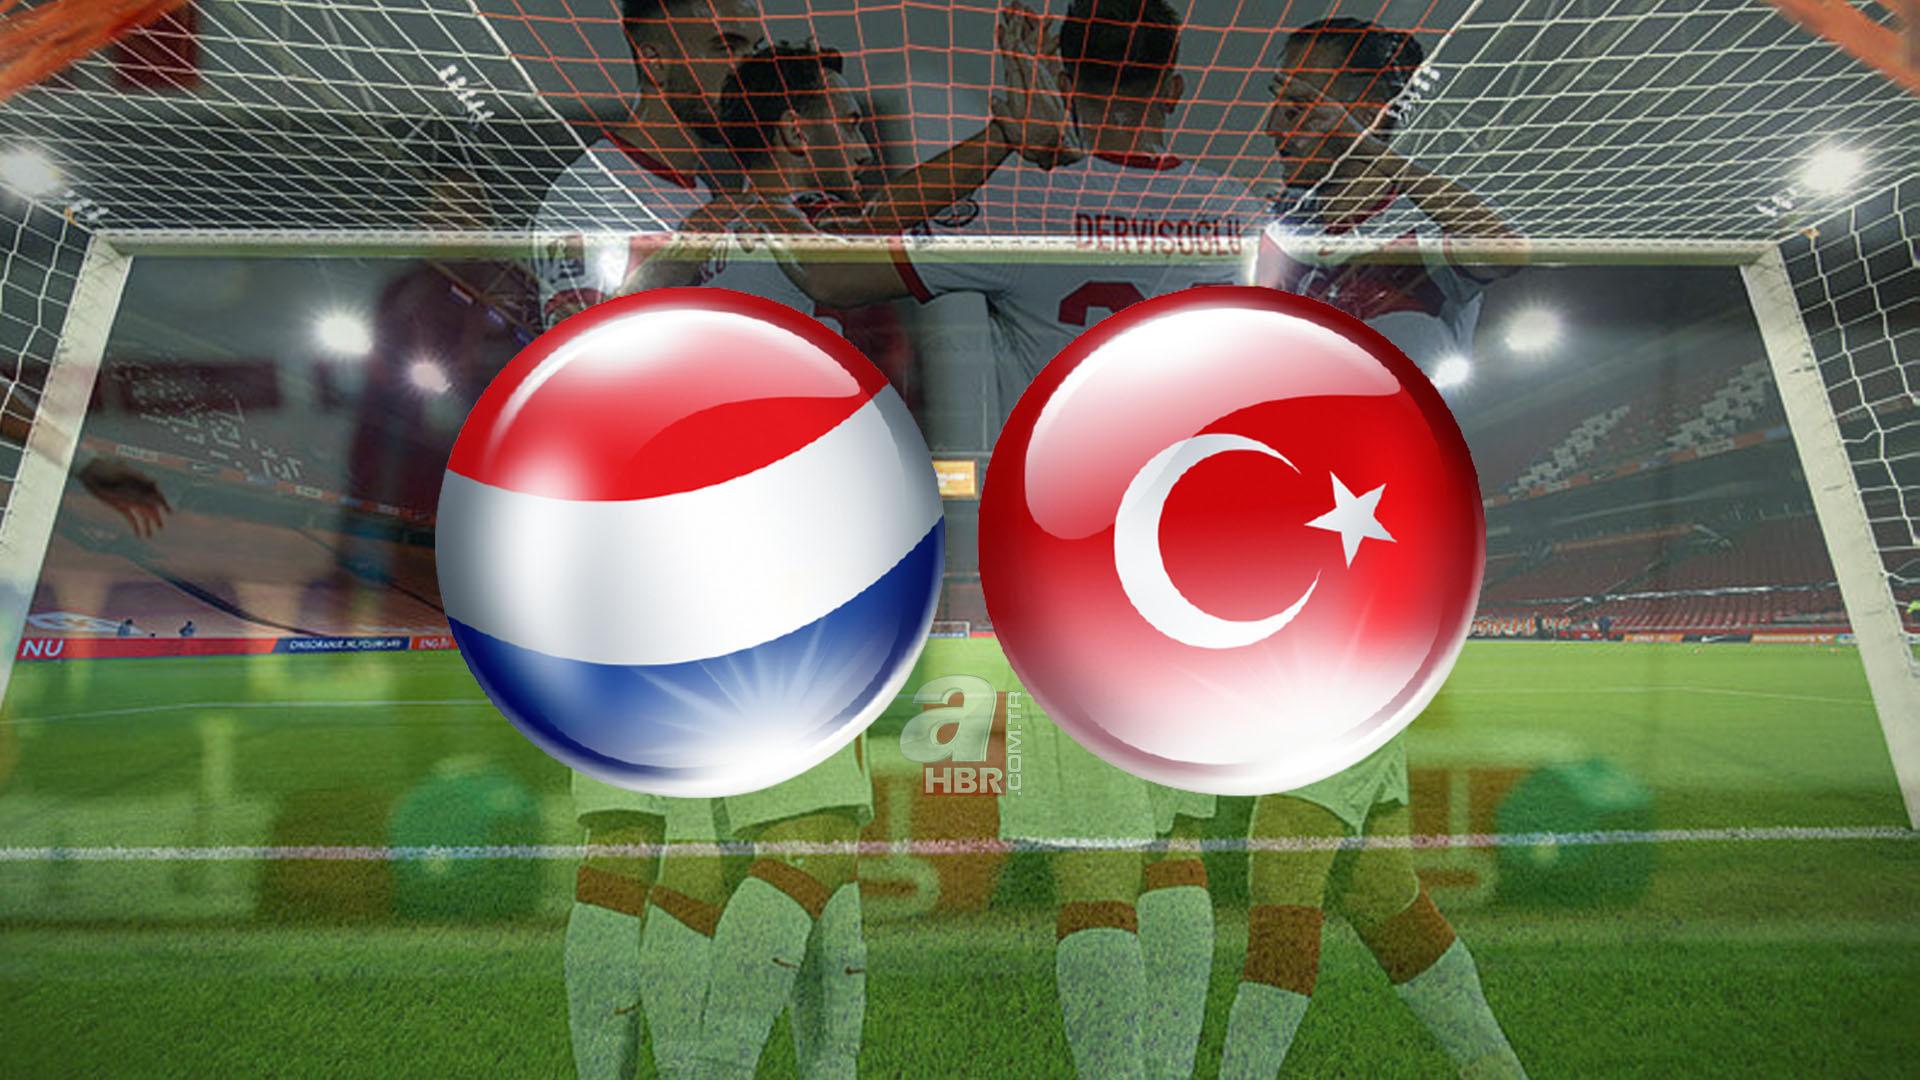 Hollanda Türkiye maçı canlı yayın nasıl izlenir? 2022 FIFA Dünya Kupası Avrupa Elemeleri milli maç hangi kanalda?